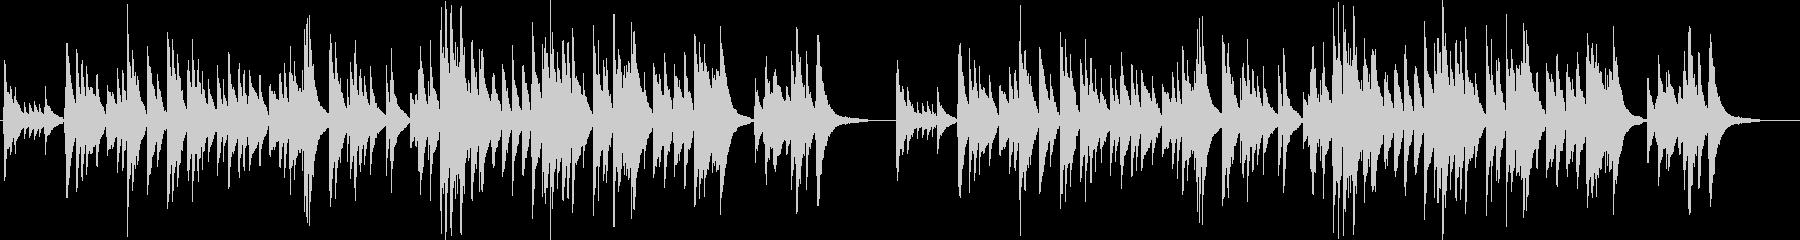 プライスレスなシーンのギター曲 B32の未再生の波形